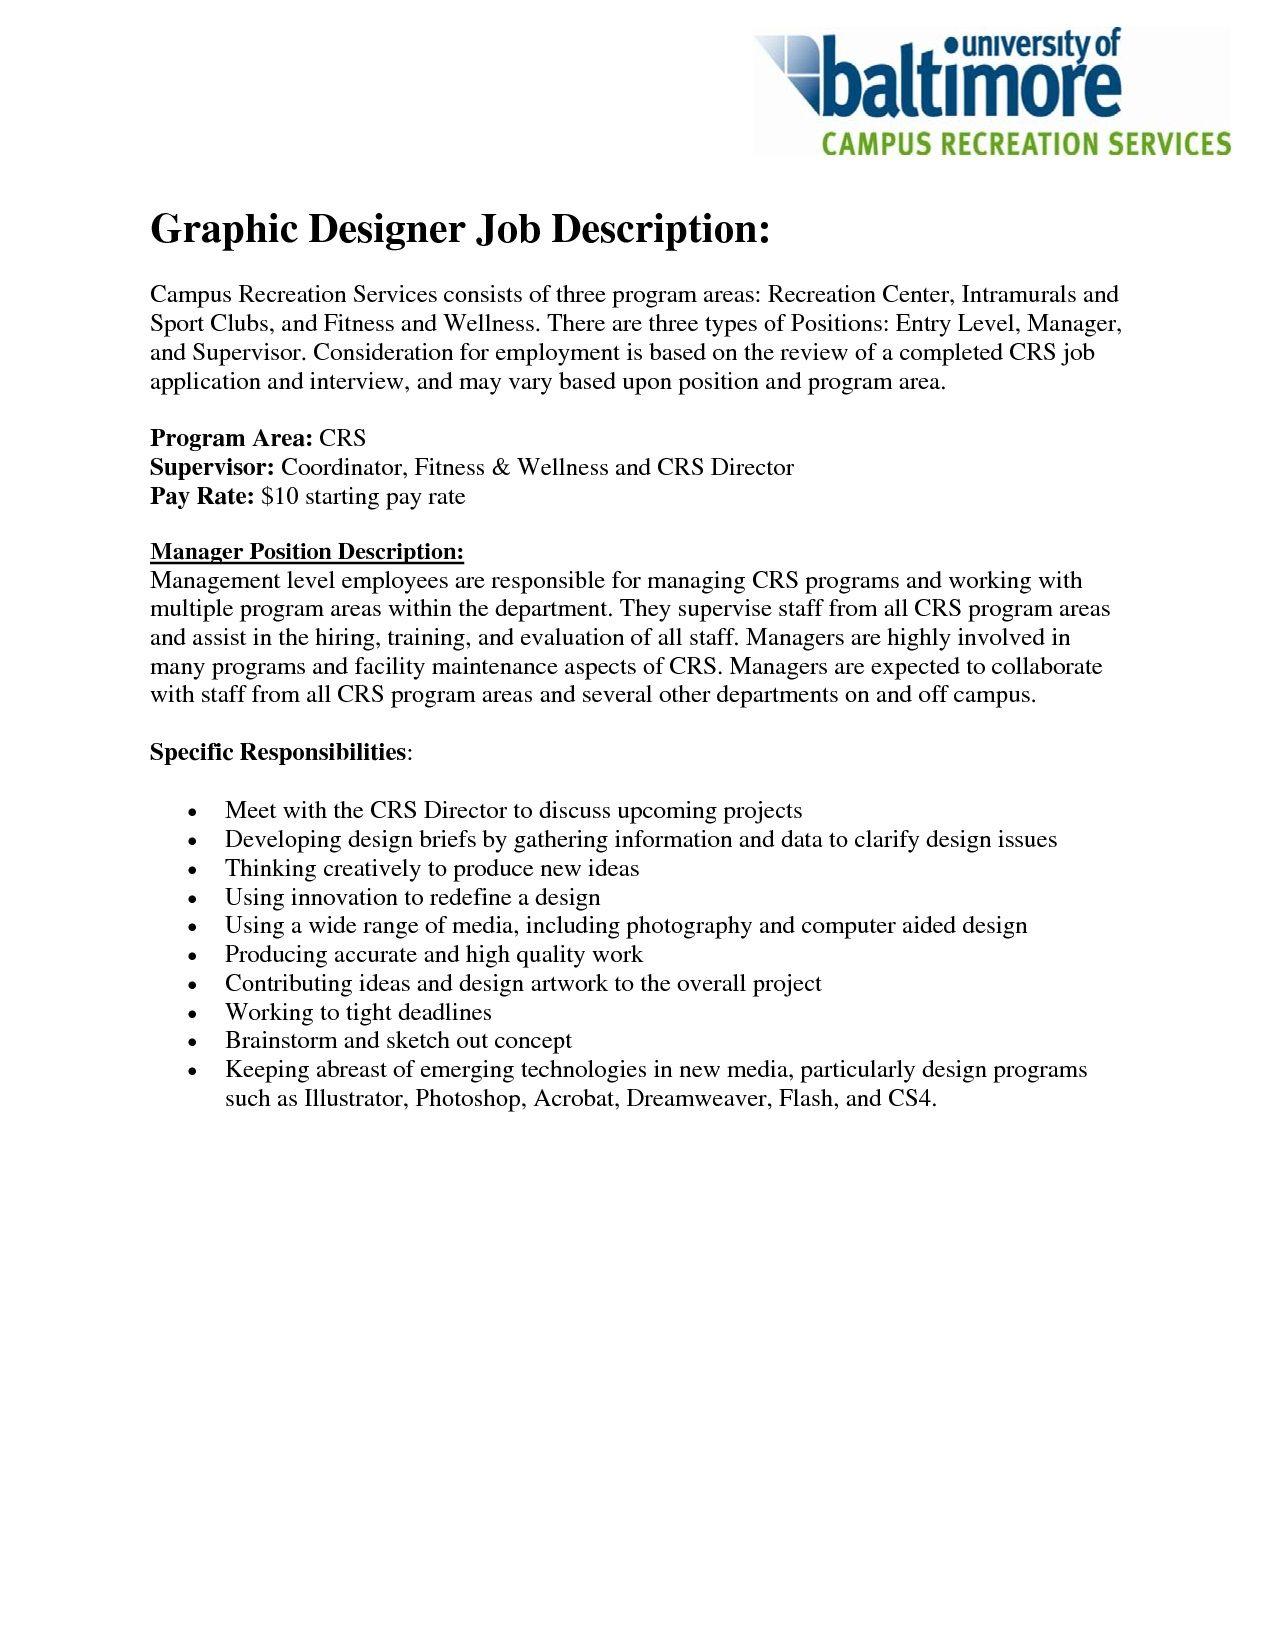 Graphic Designer Job Description Resume (Dengan gambar)